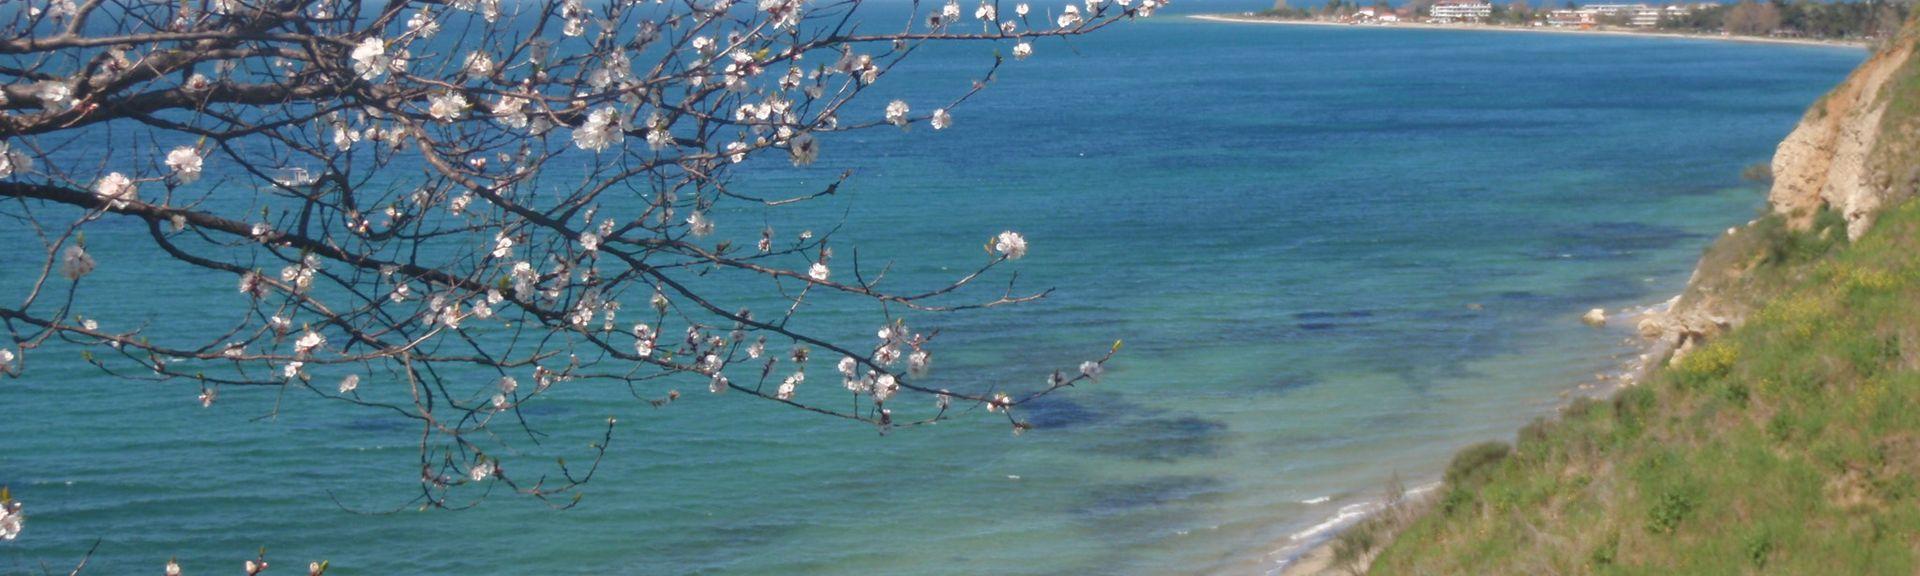 Thermaikos, Greece